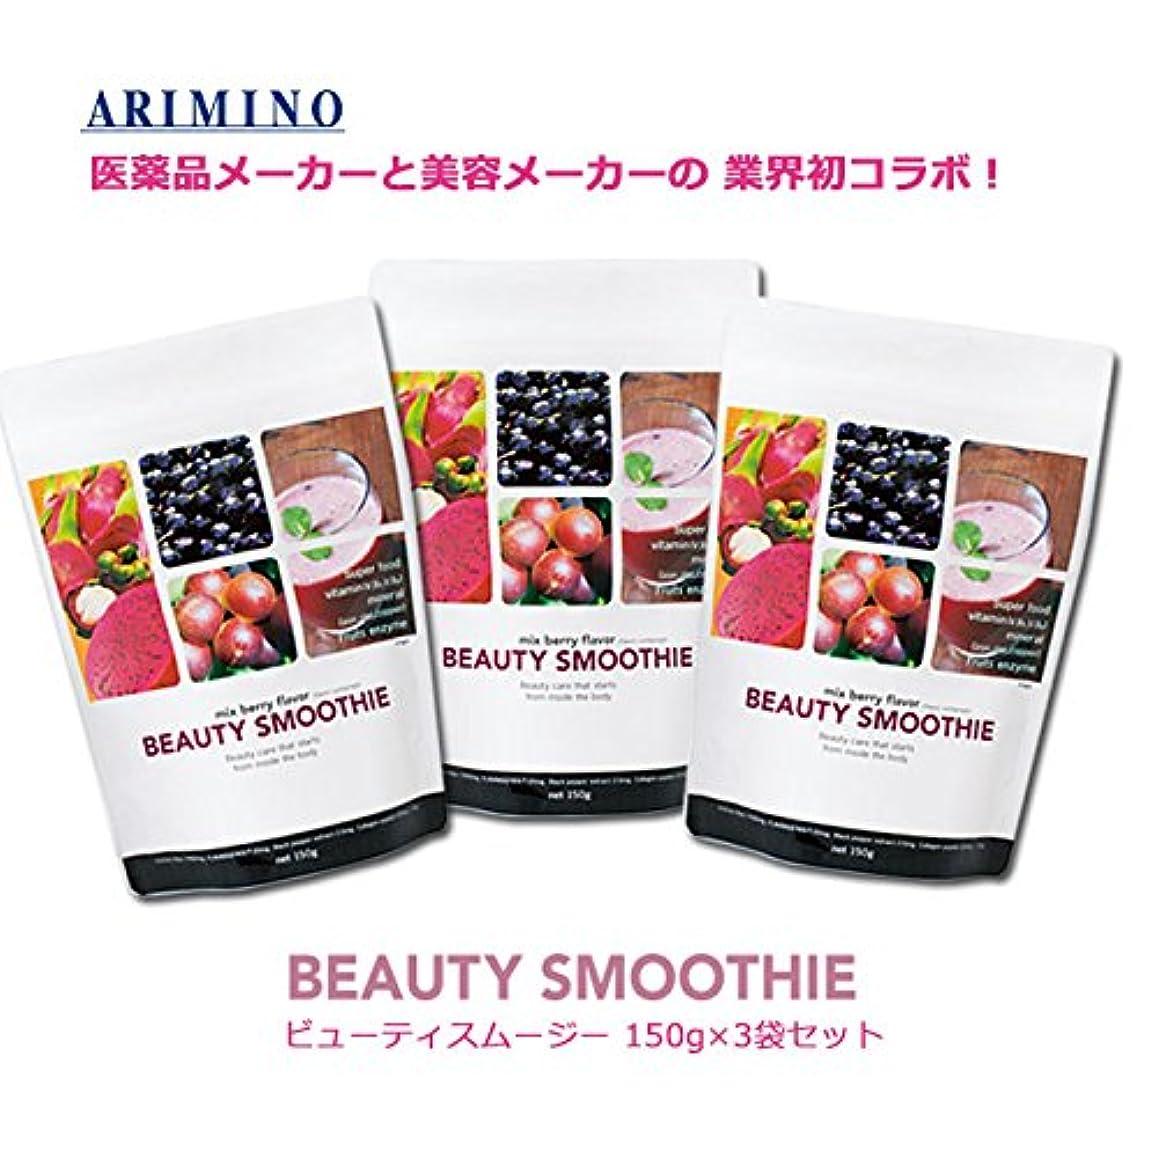 自明恐れるくちばし【3個セット】 ARIMINO BEAUTY SMOOTHIE アリミノ ビューティスムージー 150g